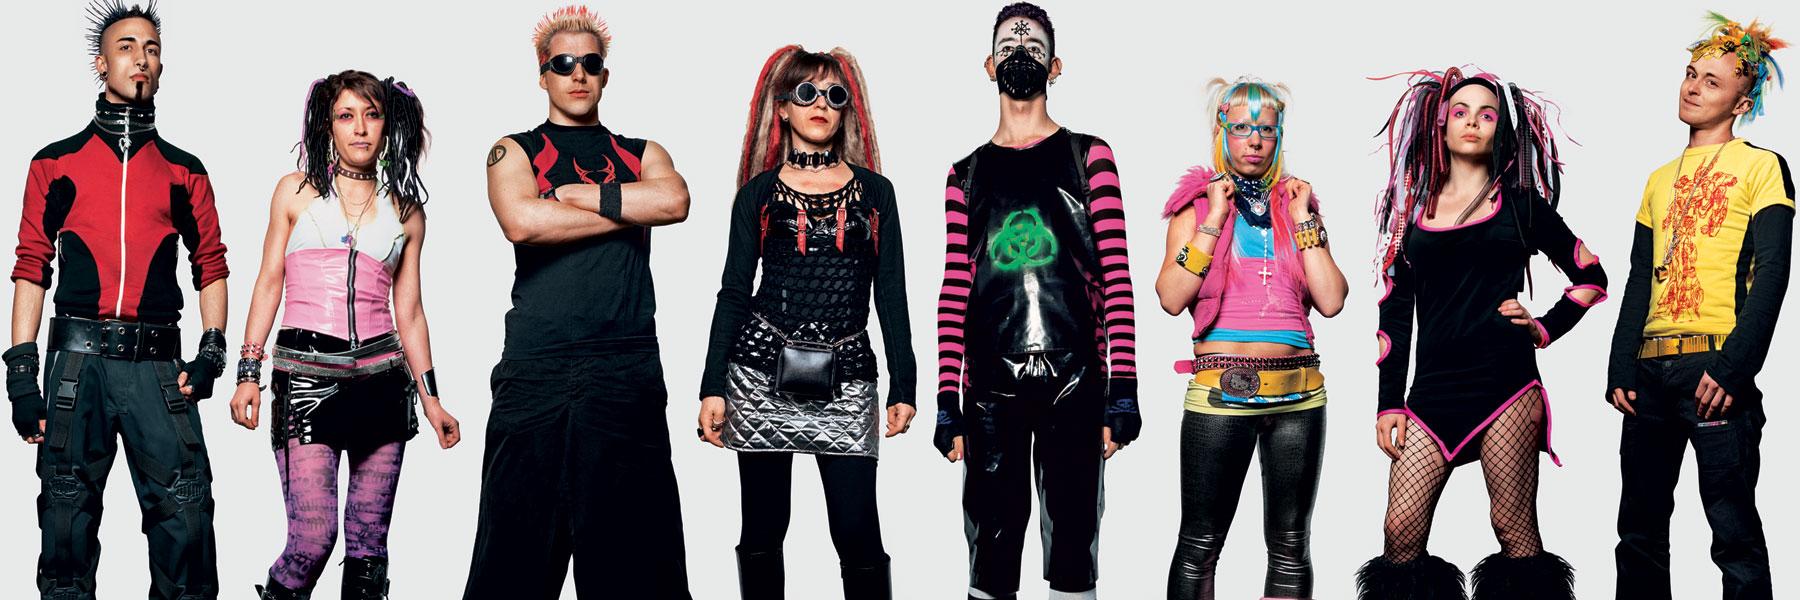 Friki Otaku ,estereotipo,de,vestimenta